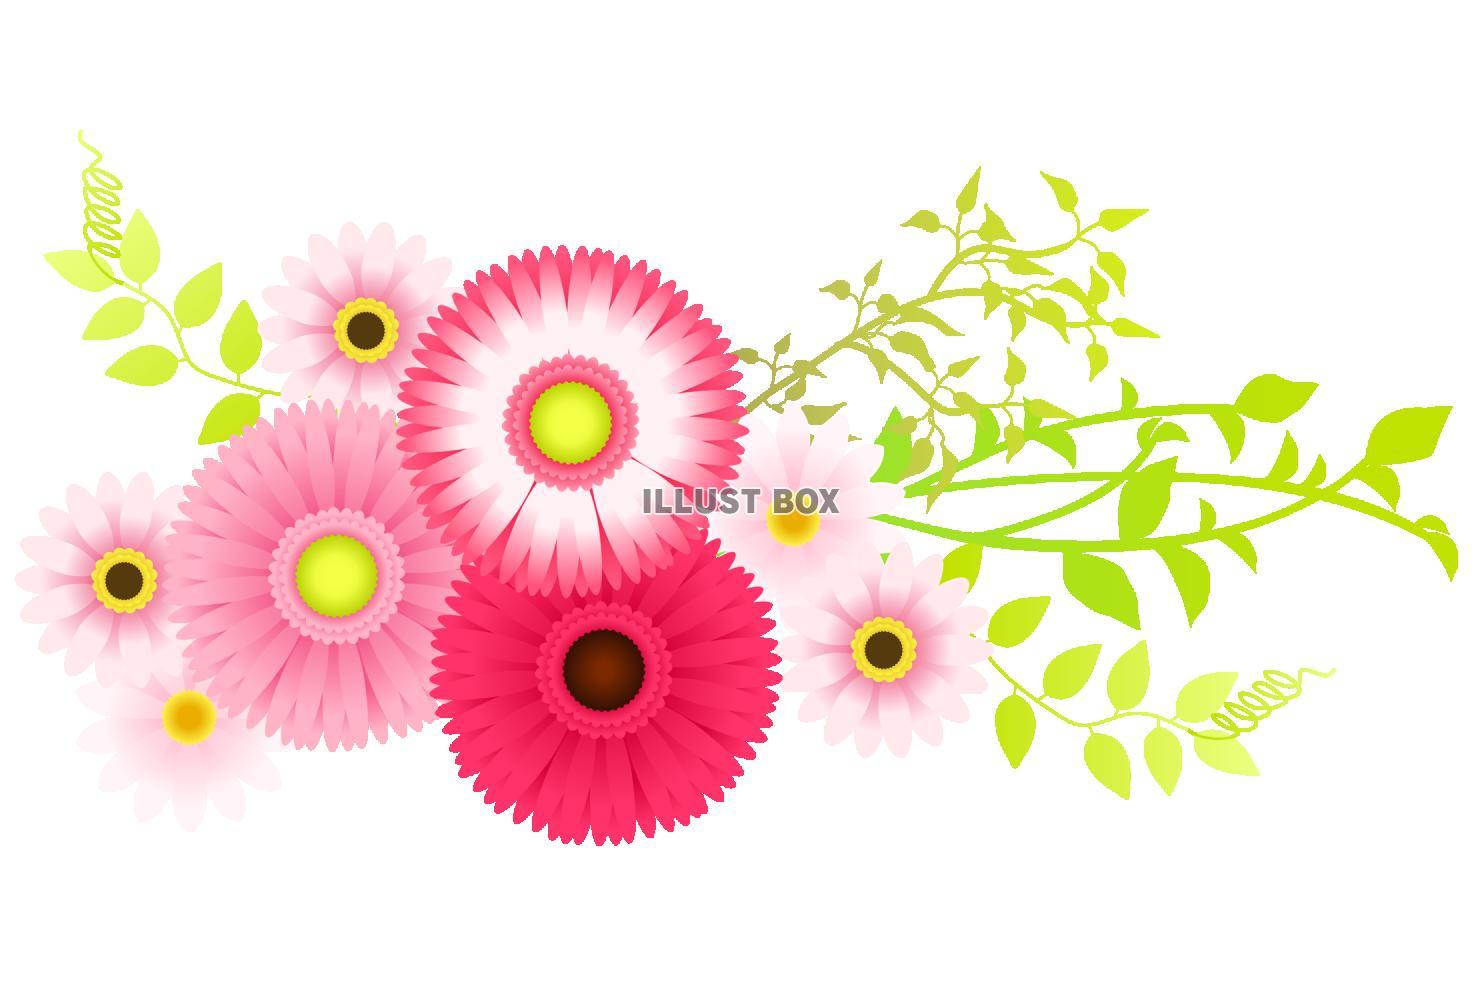 無料イラスト ピンクのガーベラのイラスト